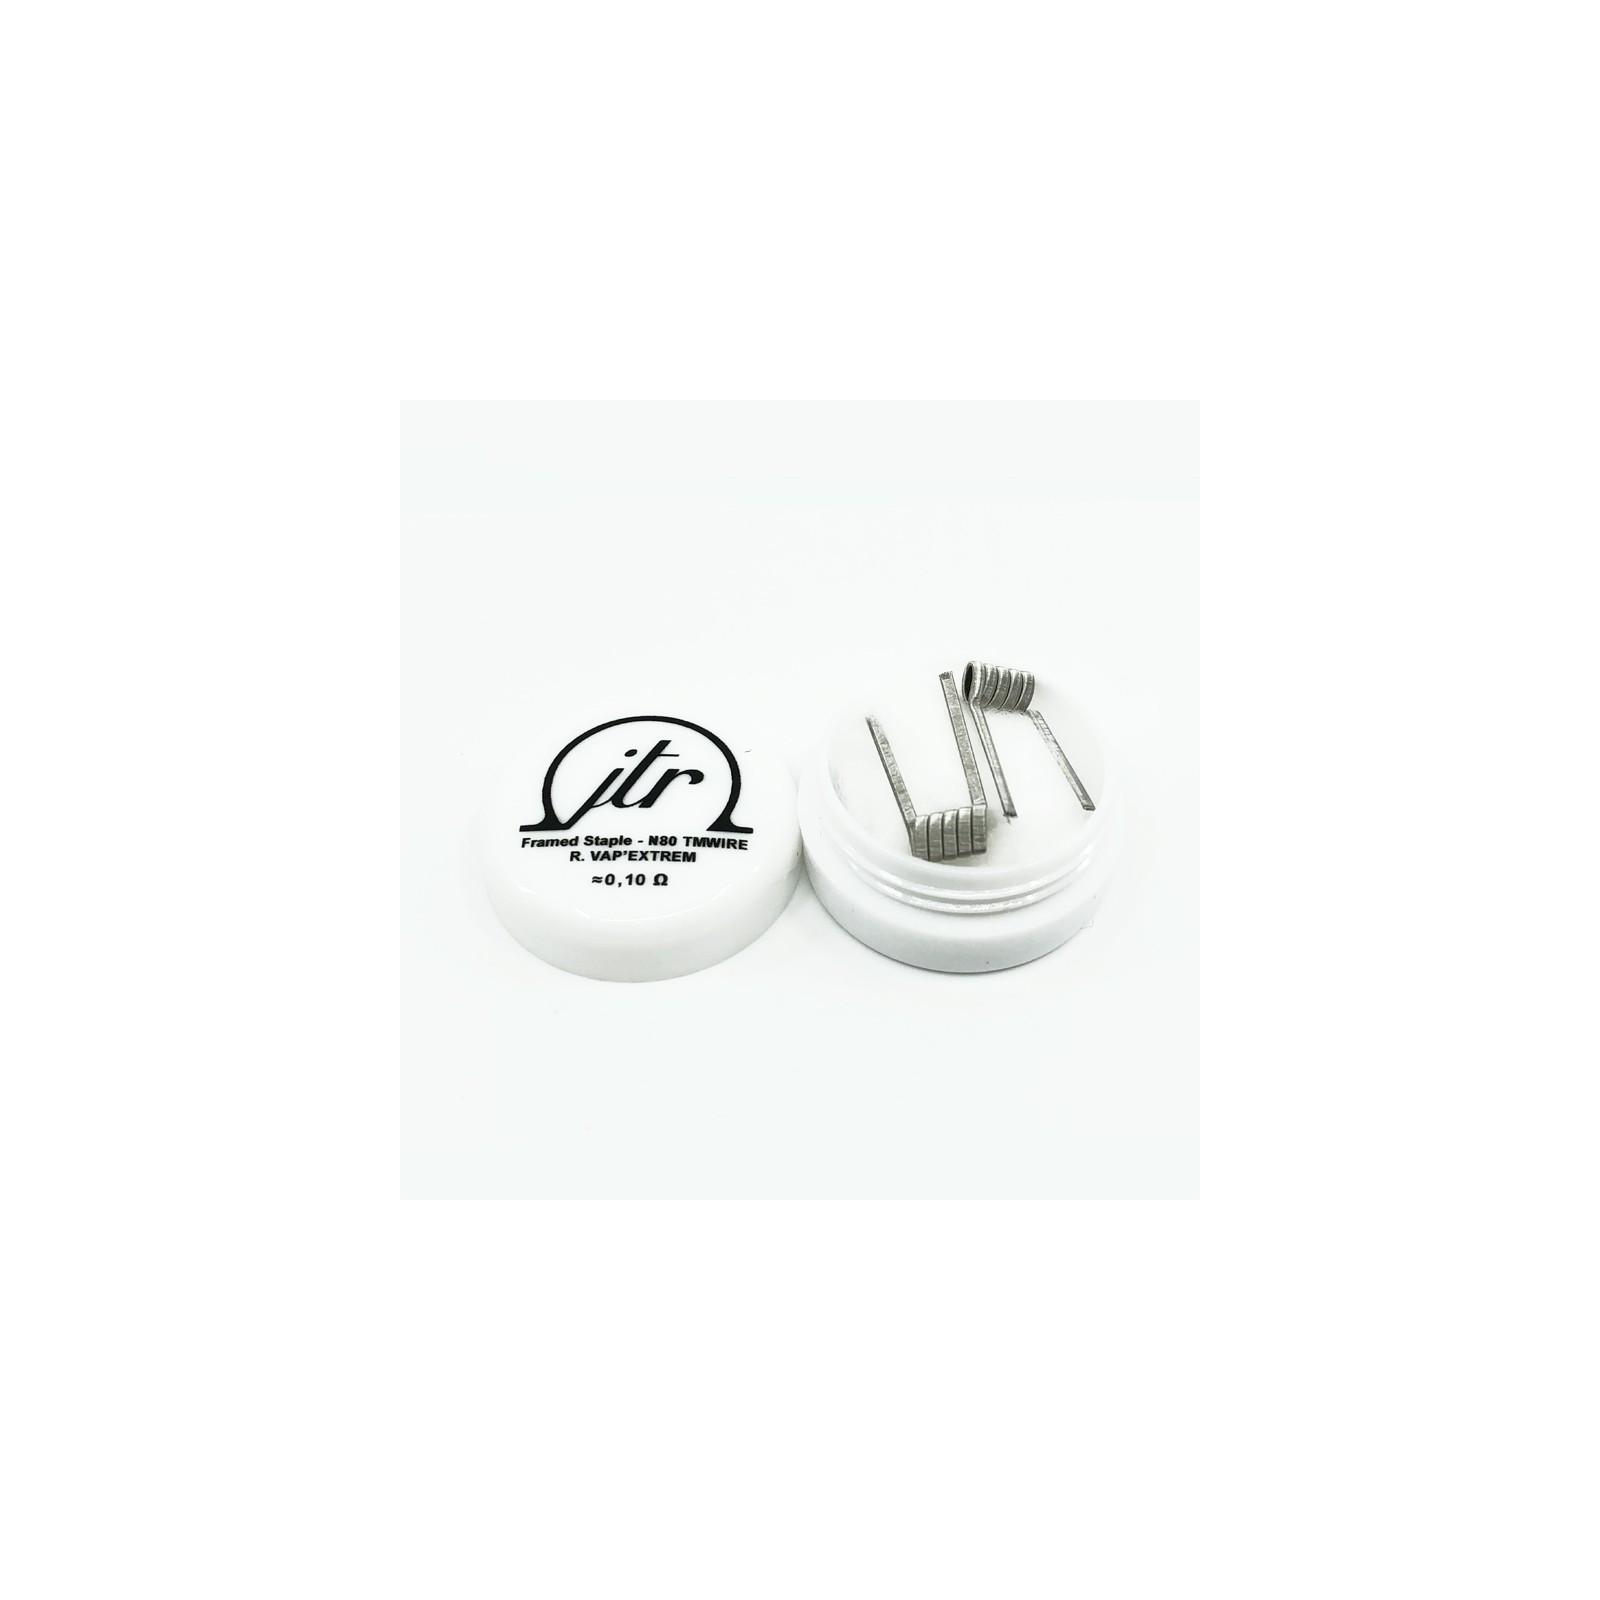 Coils JTR Framed Staple